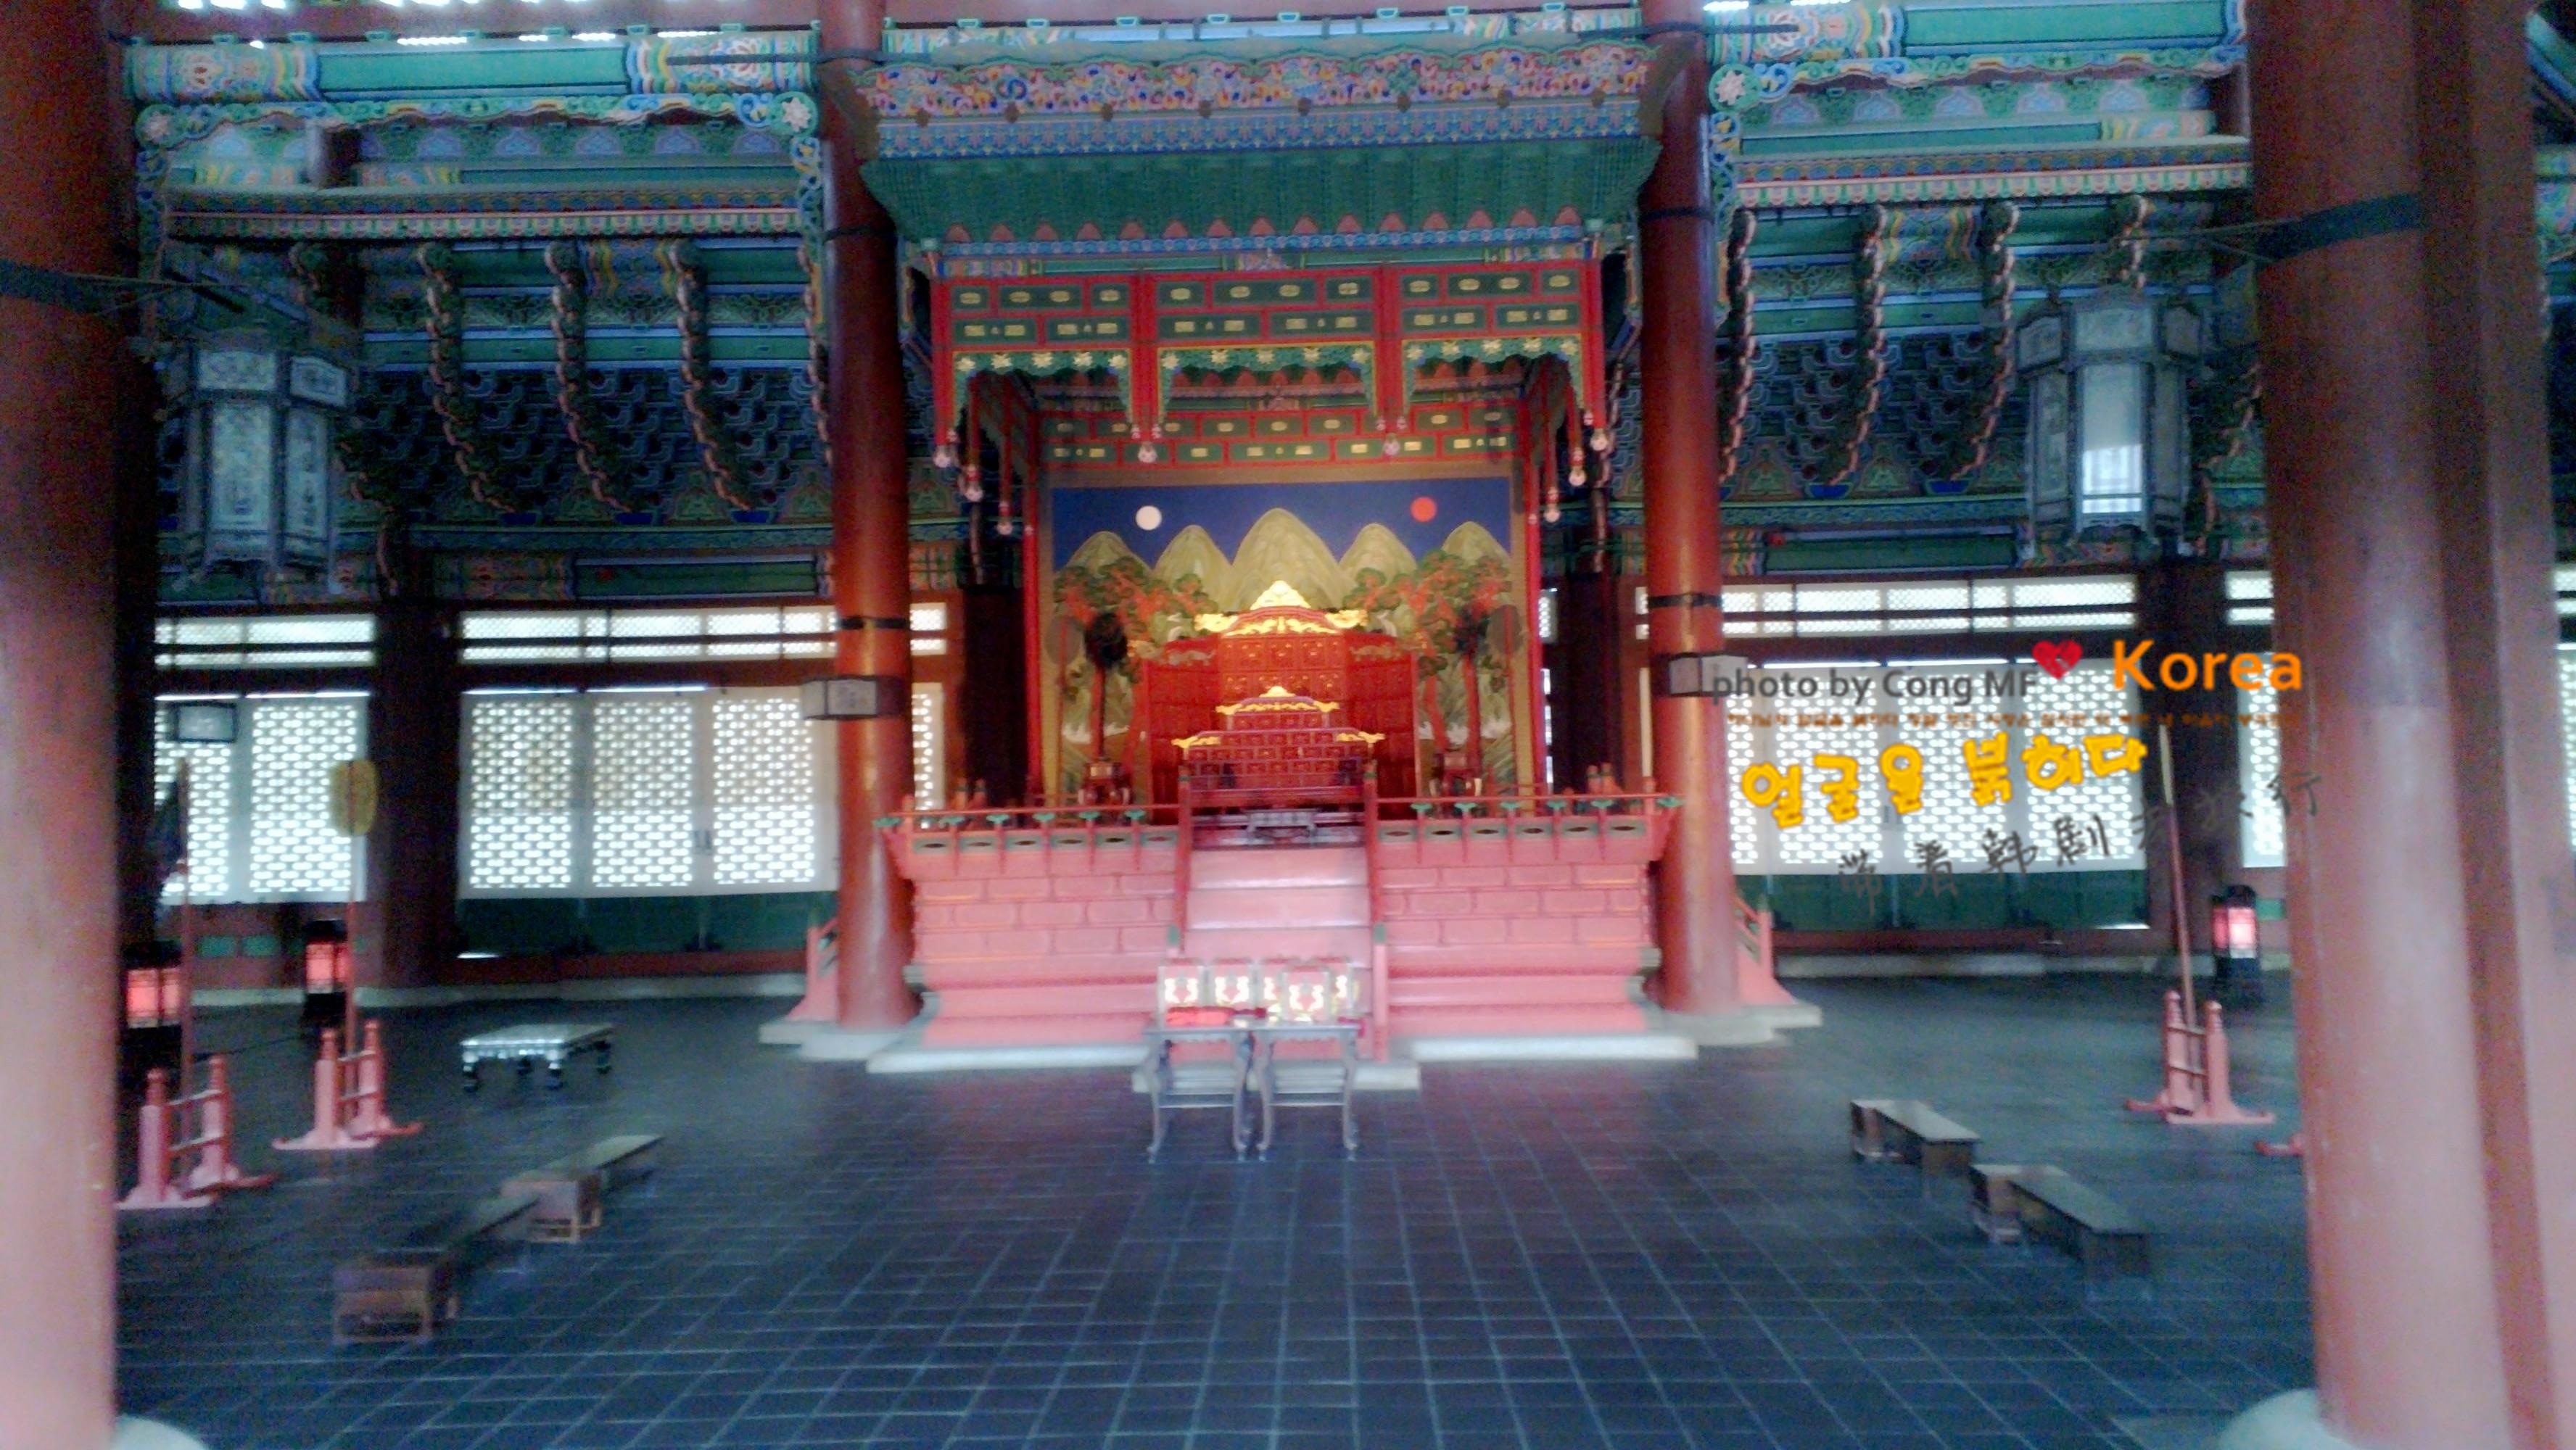 其宫殿也比不上中国古时宫殿的气派图片